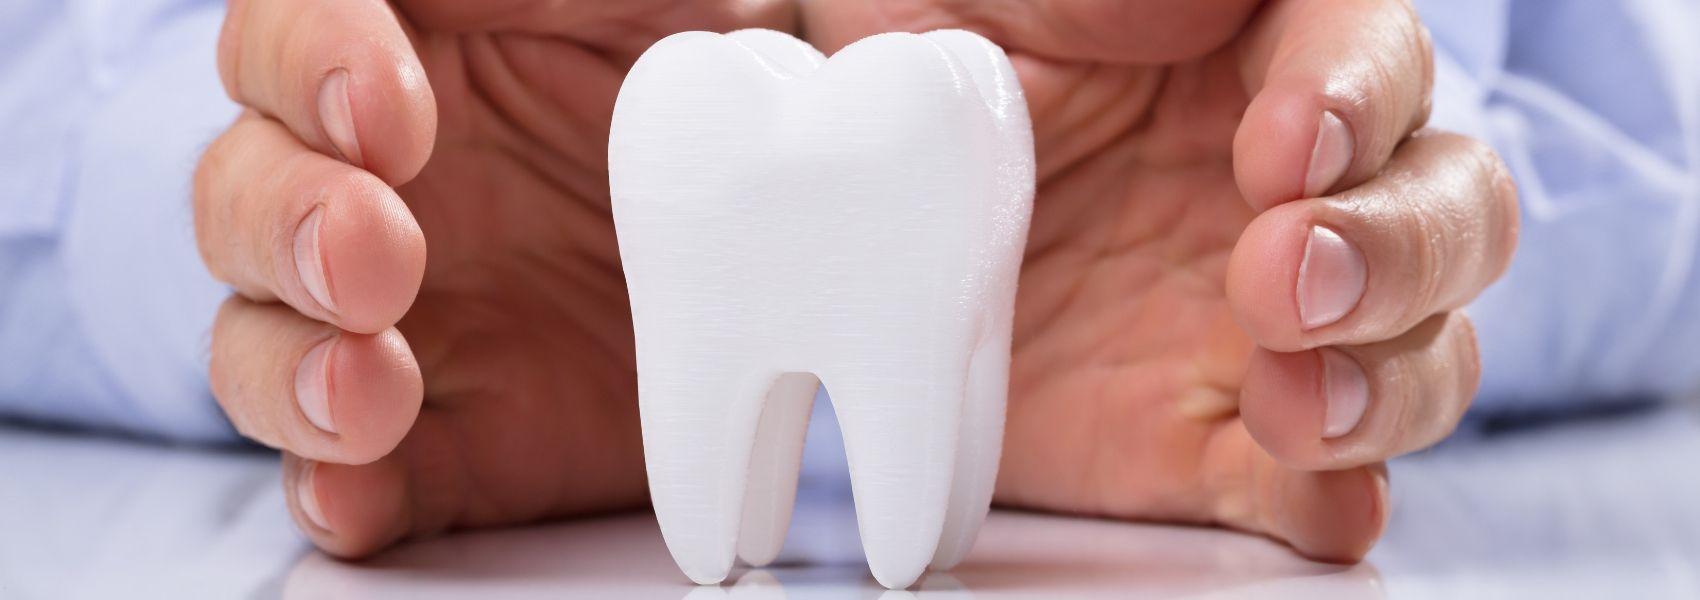 regenerar o esmalte dentário